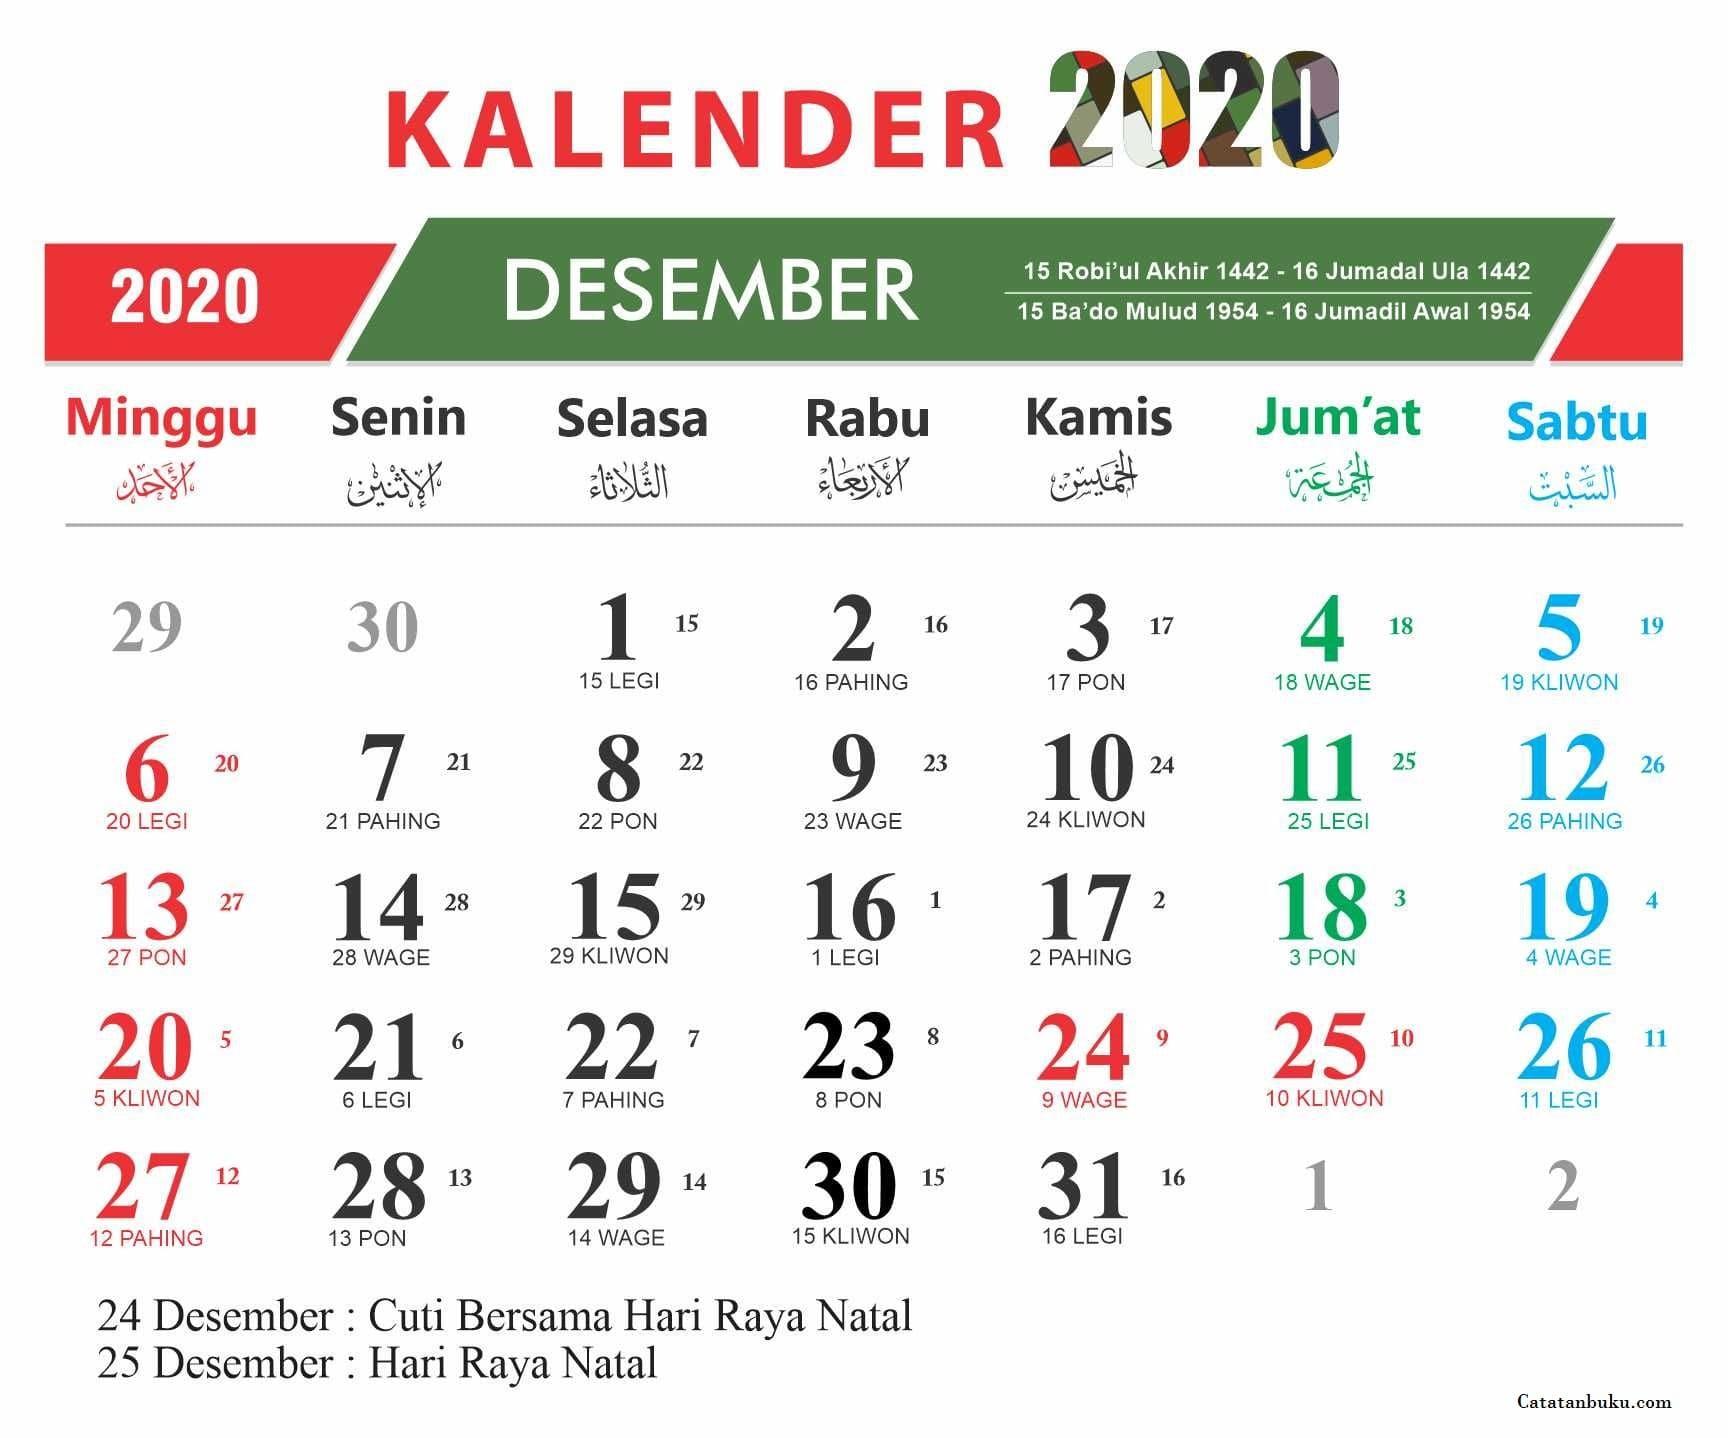 Kalender Bulan Desember 2020 Nasional dan Jawa - Kuti ID